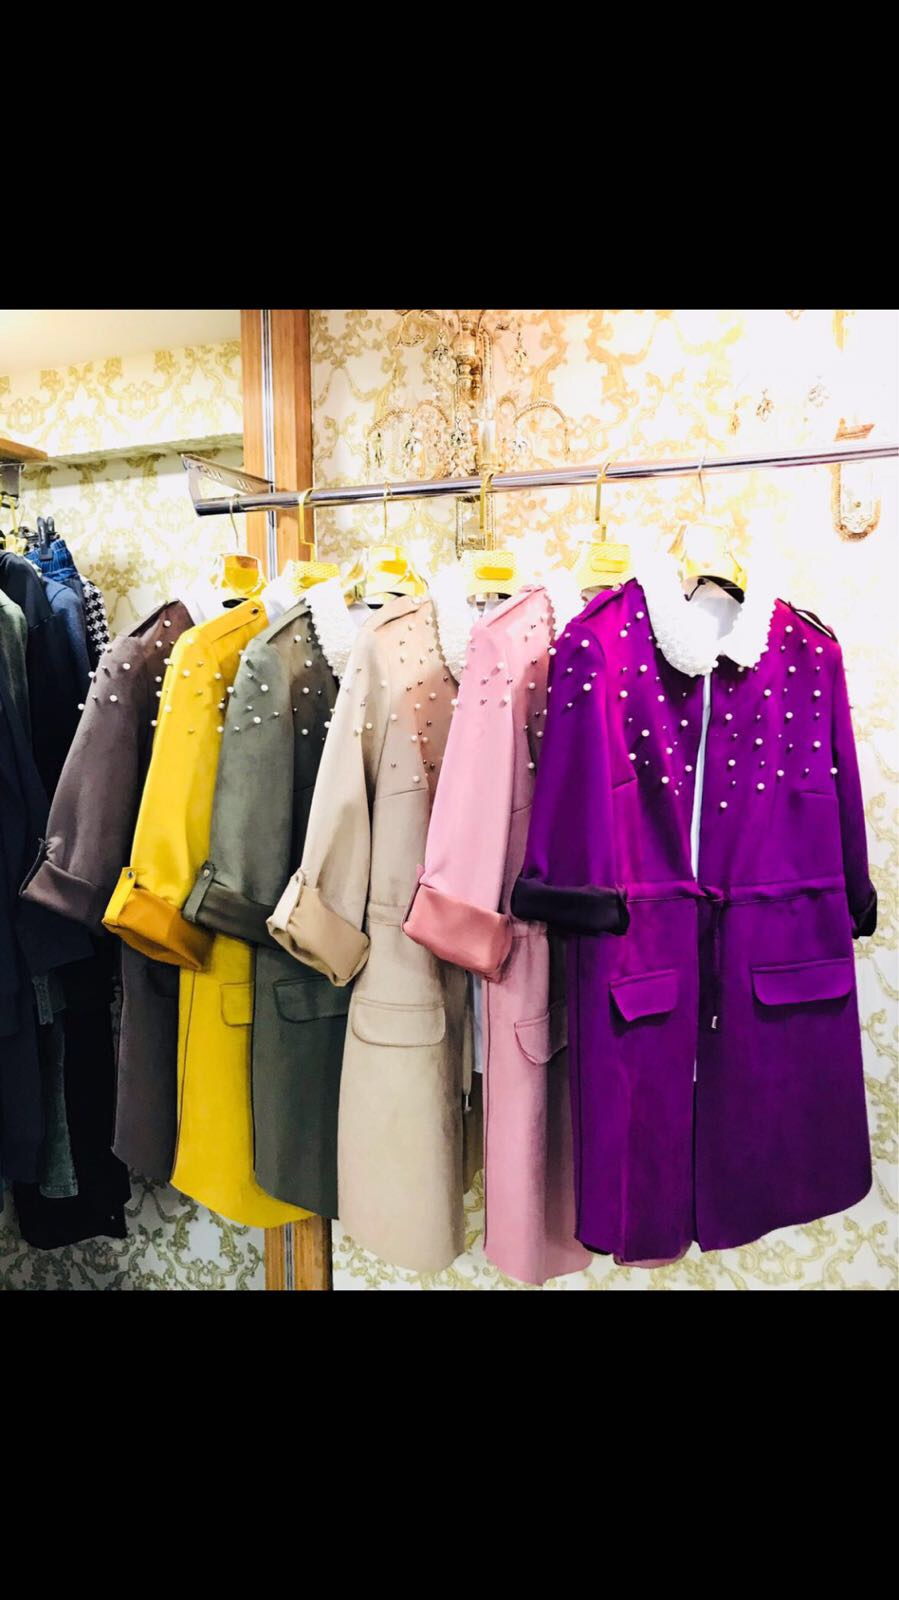 Abaya fashion عالم الشرق فانكوفر VanAbaya | clothing store | 10198 152 St #217, Surrey, BC V3R 6N7, Canada | 7788883392 OR +1 778-888-3392